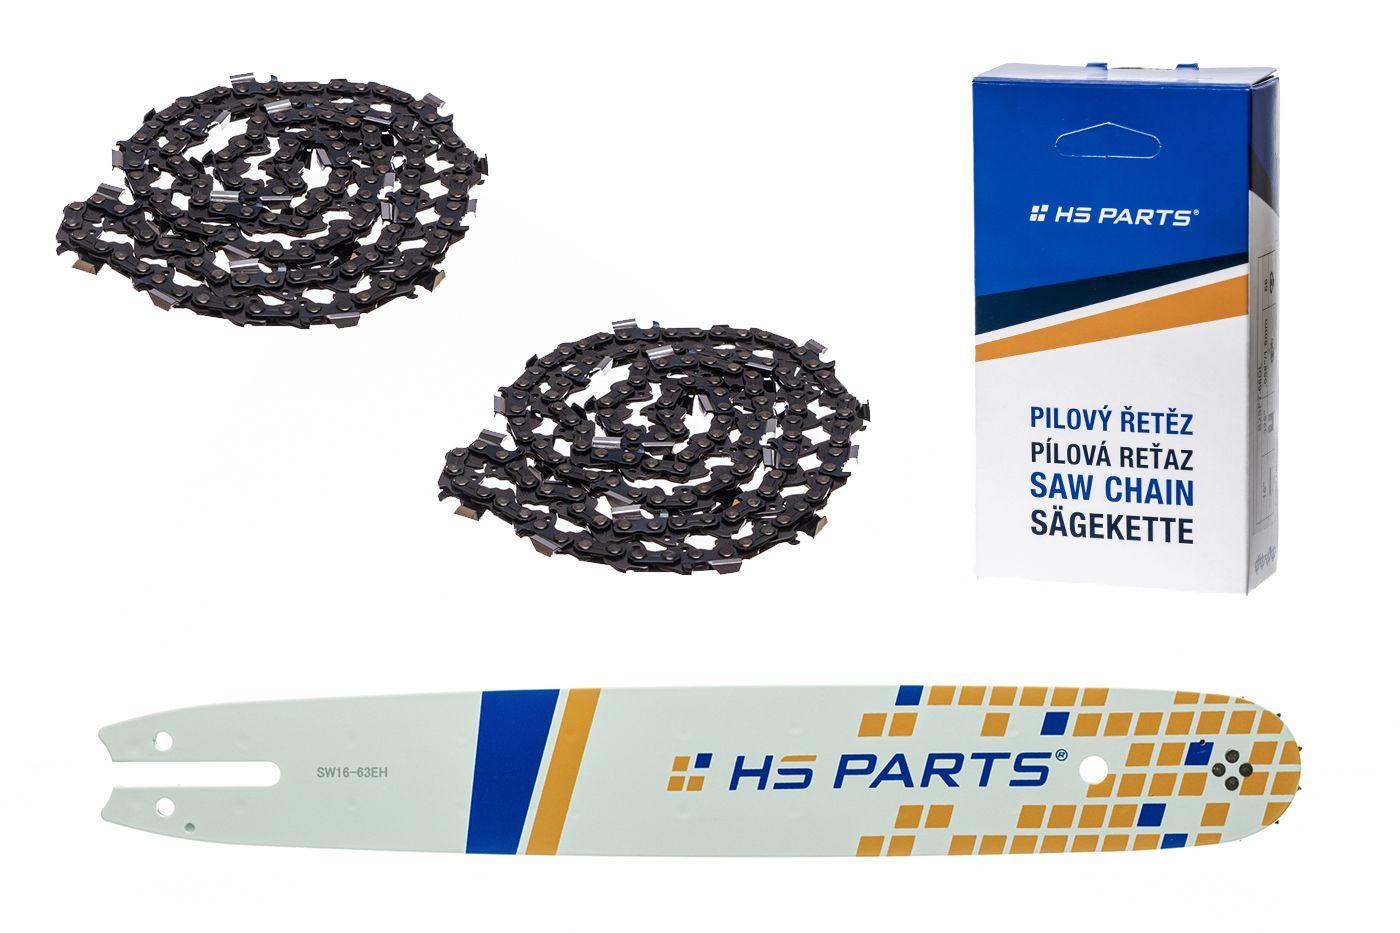 """HS PARTS Akčná súprava - vodiaca lišta 16"""" (40 cm) .325"""" .063"""" (1,6 mm) + 2 x pílový reťaz 62 čl."""